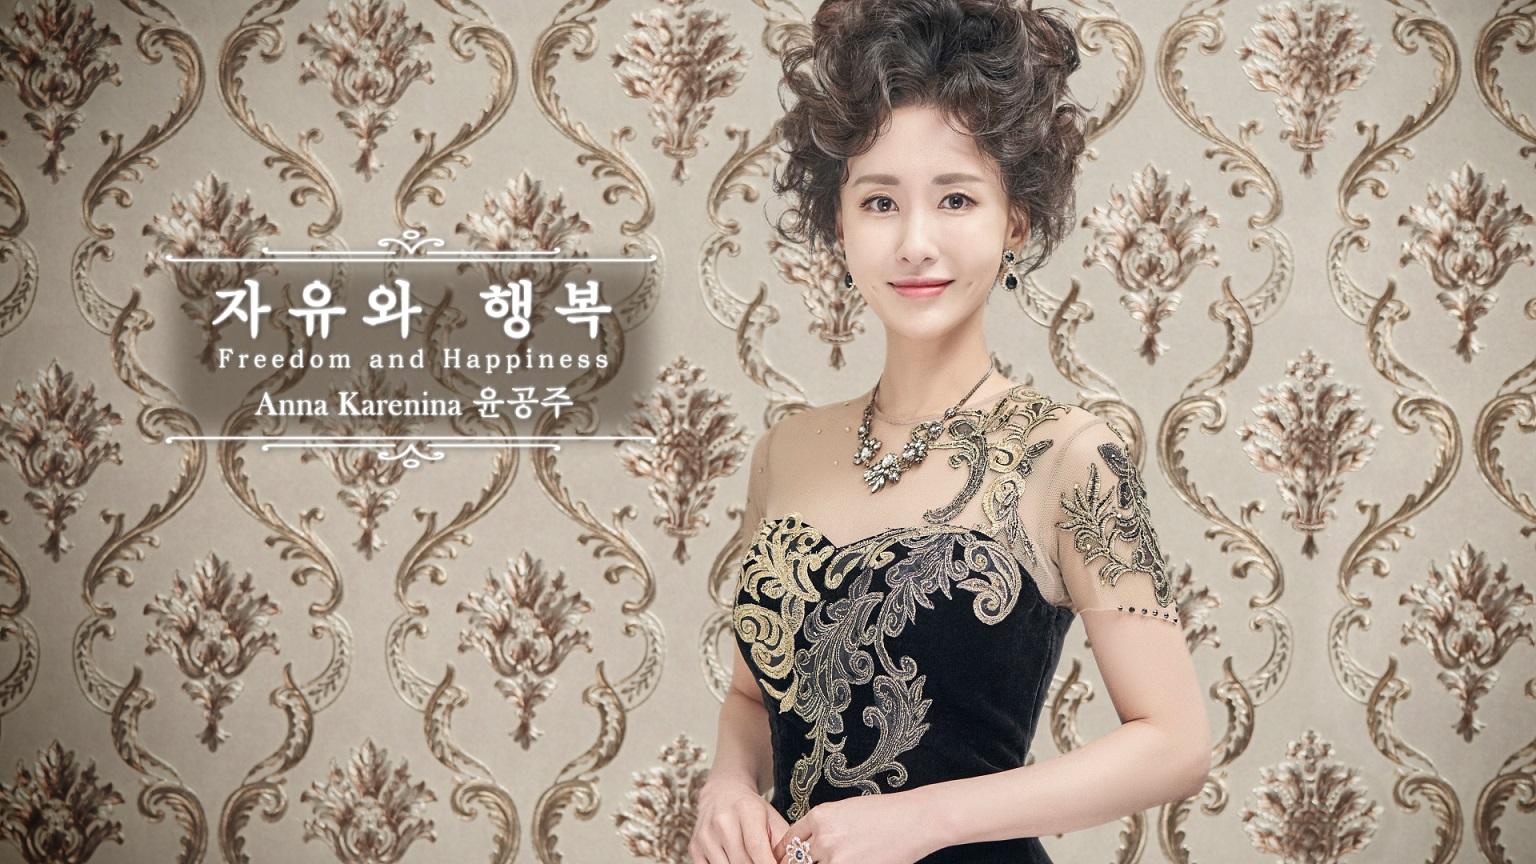 [사진자료] 자유와행복 윤공주 음원공개1